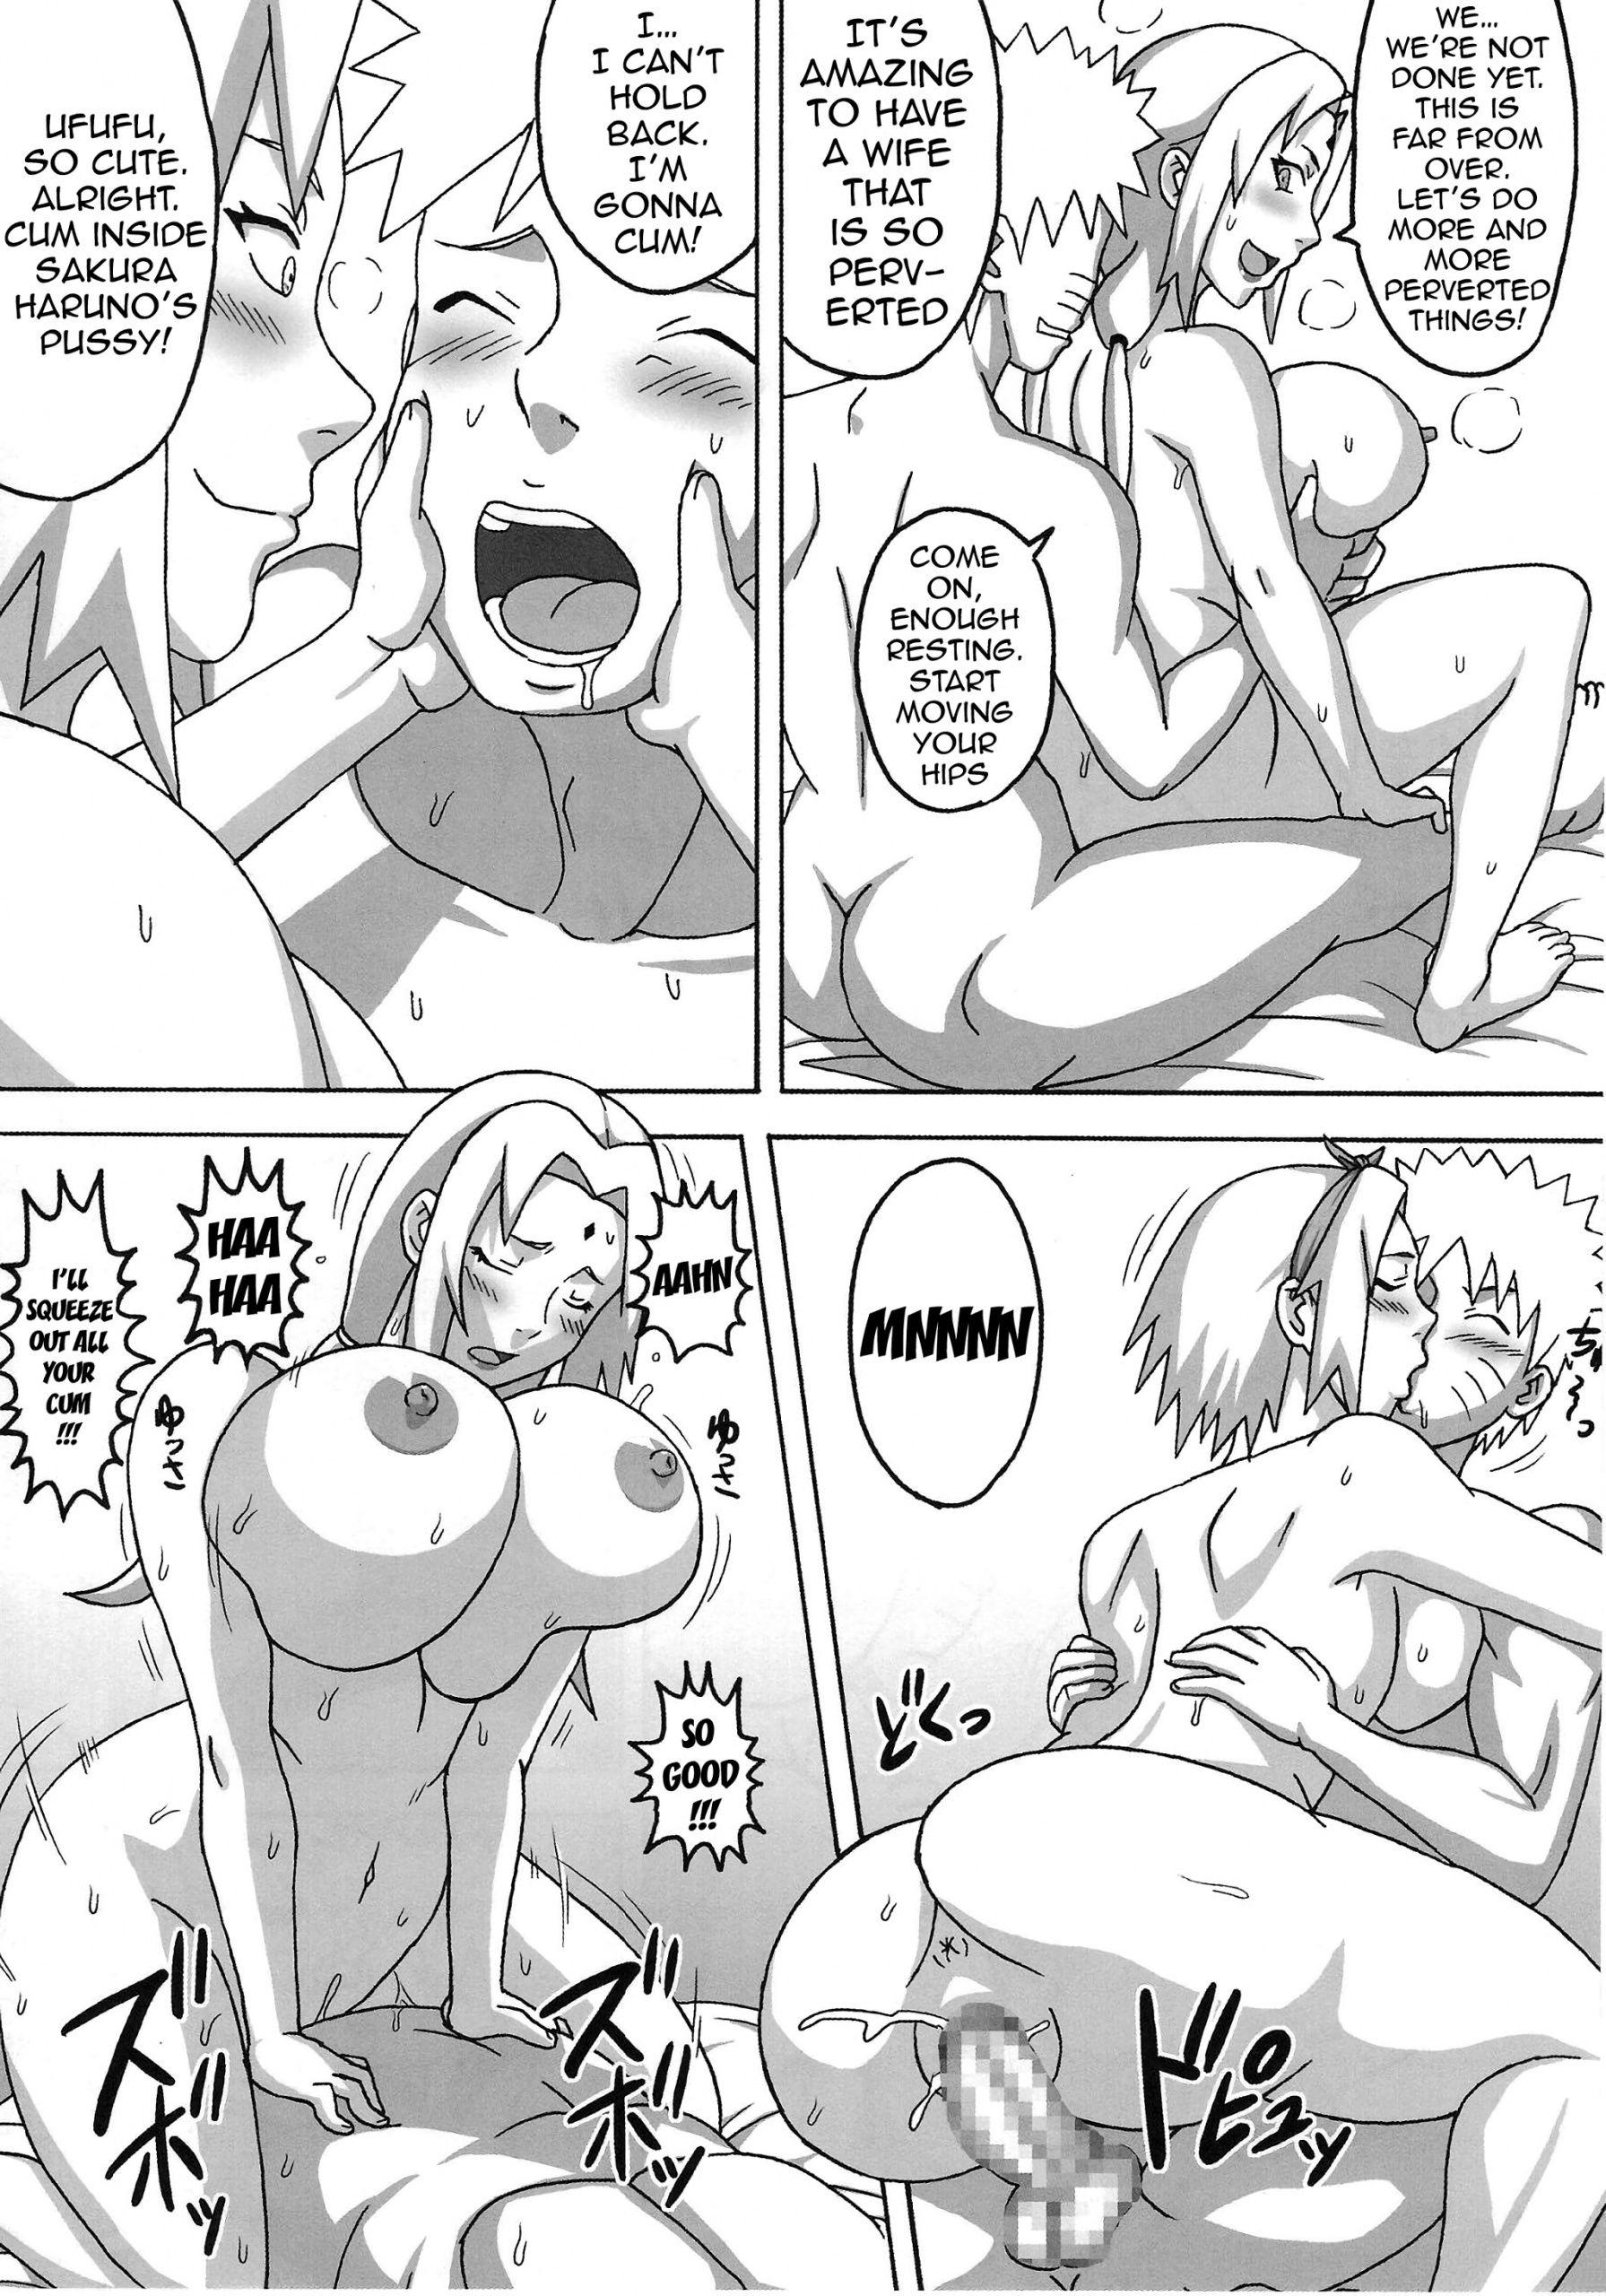 G3 hentai manga picture 30